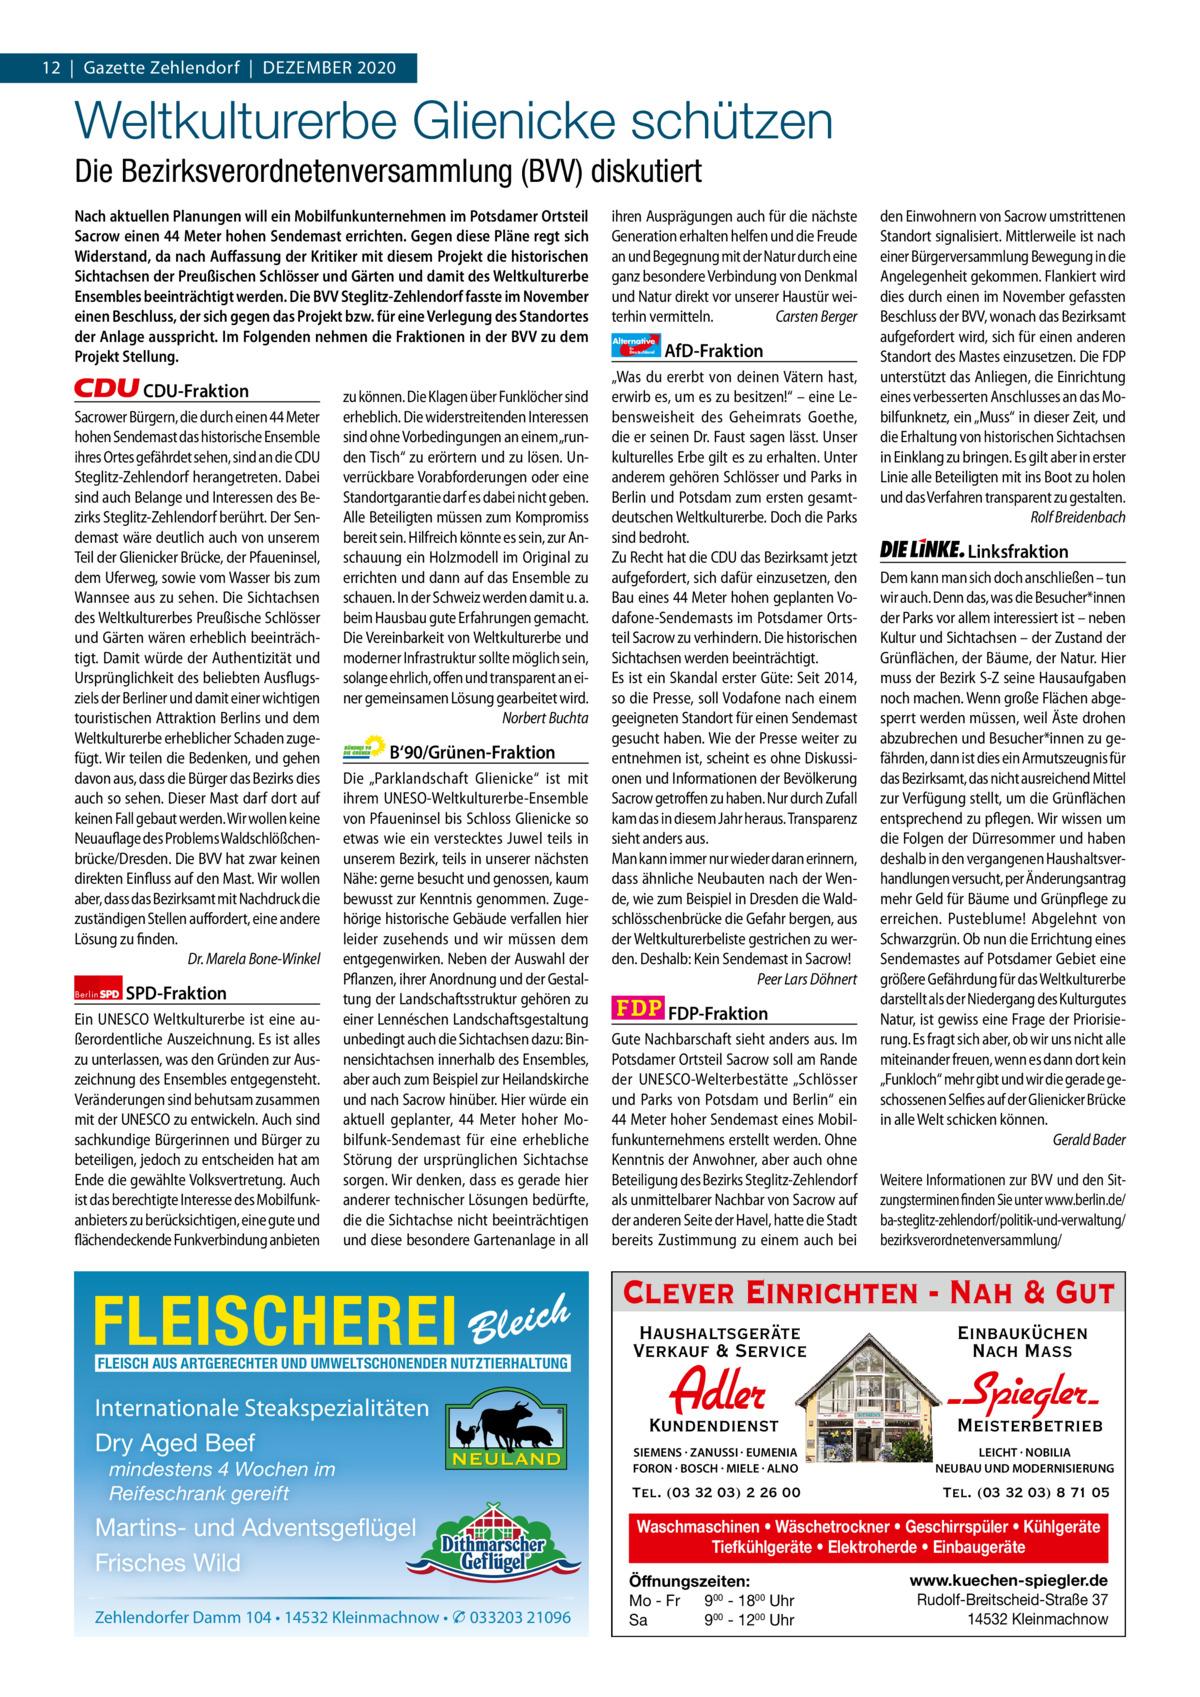 1 | Gazette Zehlendorf 12|Gazette Zehlendorf|DEZEMBER | DEZEMBER 2020 2020  Weltkulturerbe Glienicke schützen Die Bezirksverordnetenversammlung (BVV) diskutiert Nach aktuellen Planungen will ein Mobilfunkunternehmen im Potsdamer Ortsteil Sacrow einen 44Meter hohen Sendemast errichten. Gegen diese Pläne regt sich Widerstand, da nach Auffassung der Kritiker mit diesem Projekt die historischen Sichtachsen der Preußischen Schlösser und Gärten und damit des Weltkulturerbe Ensembles beeinträchtigt werden. Die BVV Steglitz-Zehlendorf fasste im November einen Beschluss, der sich gegen das Projekt bzw. für eine Verlegung des Standortes der Anlage ausspricht. Im Folgenden nehmen die Fraktionen in der BVV zu dem Projekt Stellung.  CDU-Fraktion Sacrower Bürgern, die durch einen 44Meter hohen Sendemast das historische Ensemble ihres Ortes gefährdet sehen, sind an die CDU Steglitz-Zehlendorf herangetreten. Dabei sind auch Belange und Interessen des Bezirks Steglitz-Zehlendorf berührt. Der Sendemast wäre deutlich auch von unserem Teil der Glienicker Brücke, der Pfaueninsel, dem Uferweg, sowie vom Wasser bis zum Wannsee aus zu sehen. Die Sichtachsen des Weltkulturerbes Preußische Schlösser und Gärten wären erheblich beeinträchtigt. Damit würde der Authentizität und Ursprünglichkeit des beliebten Ausflugsziels der Berliner und damit einer wichtigen touristischen Attraktion Berlins und dem Weltkulturerbe erheblicher Schaden zugefügt. Wir teilen die Bedenken, und gehen davon aus, dass die Bürger das Bezirks dies auch so sehen. Dieser Mast darf dort auf keinen Fall gebaut werden. Wir wollen keine Neuauflage des Problems Waldschlößchenbrücke/Dresden. Die BVV hat zwar keinen direkten Einfluss auf den Mast. Wir wollen aber, dass das Bezirksamt mit Nachdruck die zuständigen Stellen auffordert, eine andere Lösung zu finden. Dr.Marela Bone-Winkel Berlin  SPD-Fraktion  Ein UNESCO Weltkulturerbe ist eine außerordentliche Auszeichnung. Es ist alles zu unterlassen, was den Gründen zur Auszeichnu